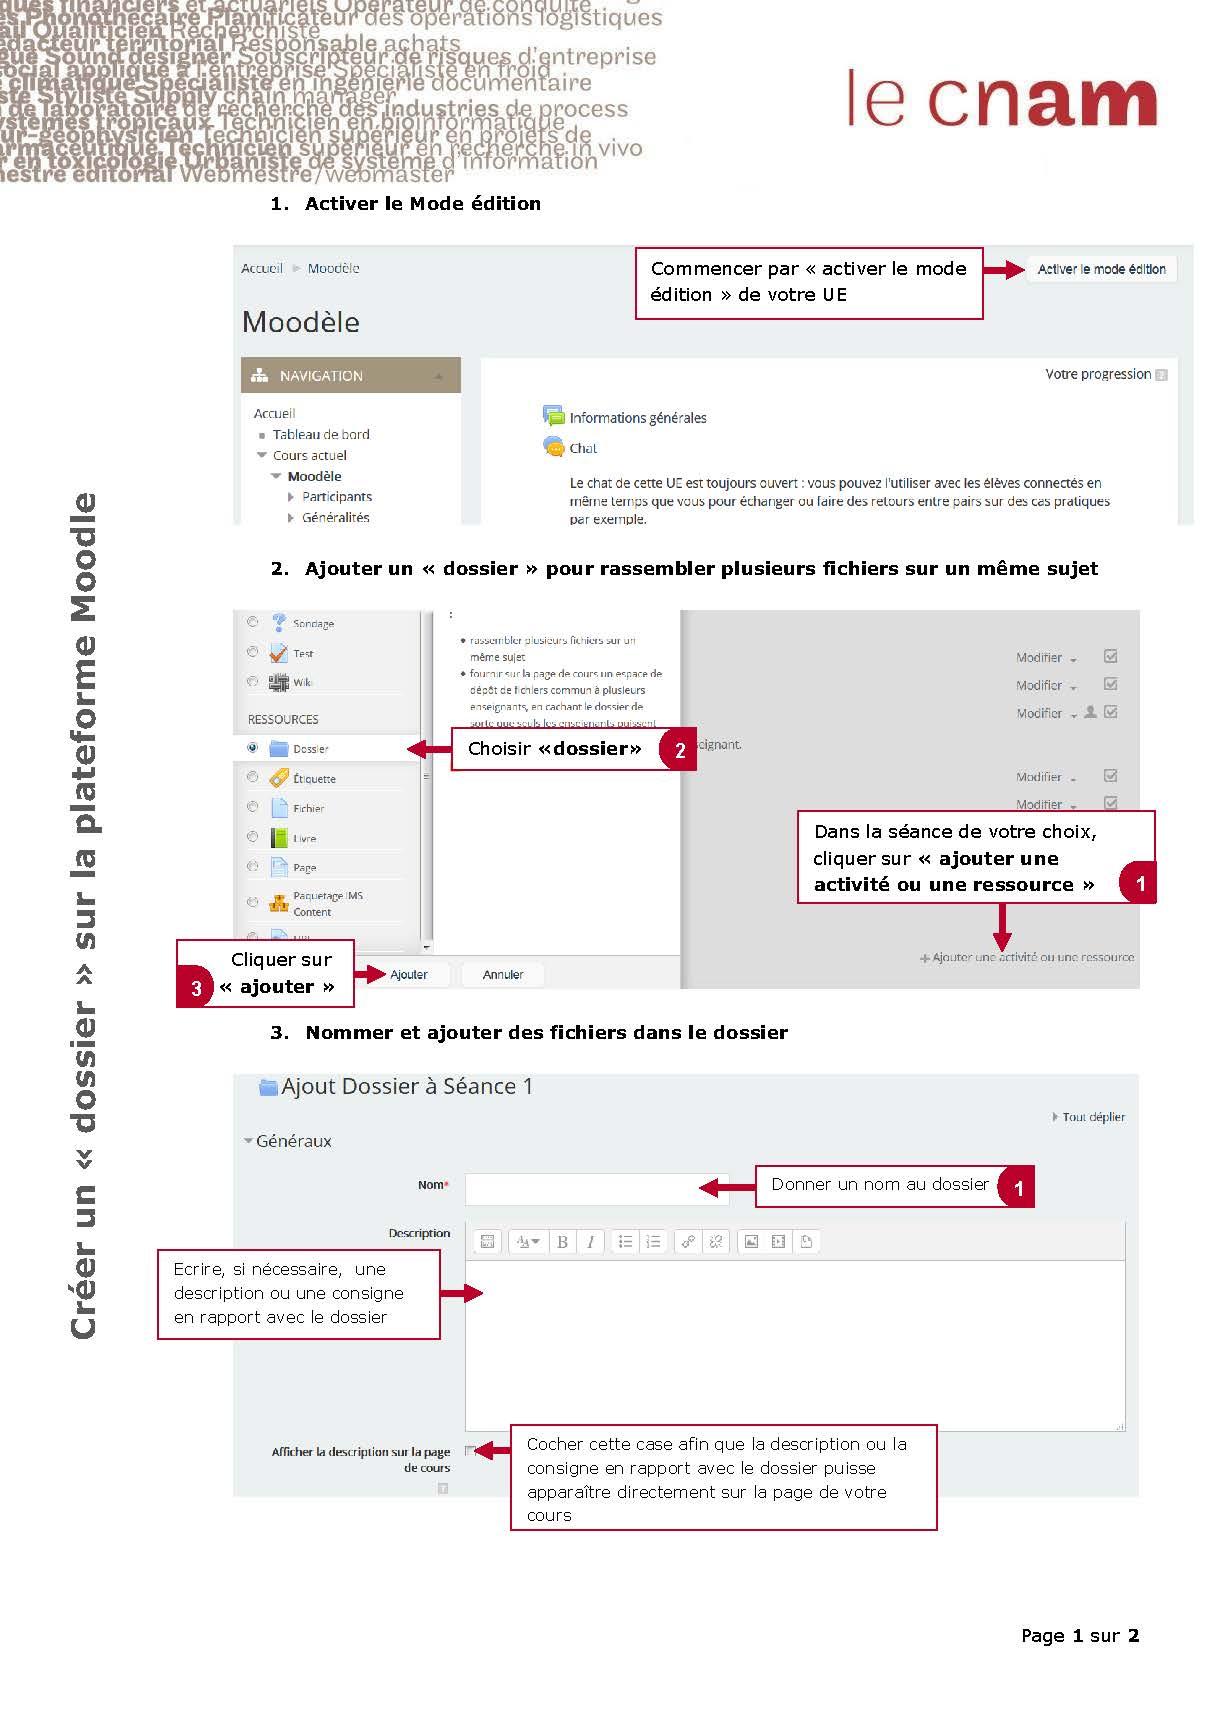 Créer_un_dossier_sur_Moodle_Page_1